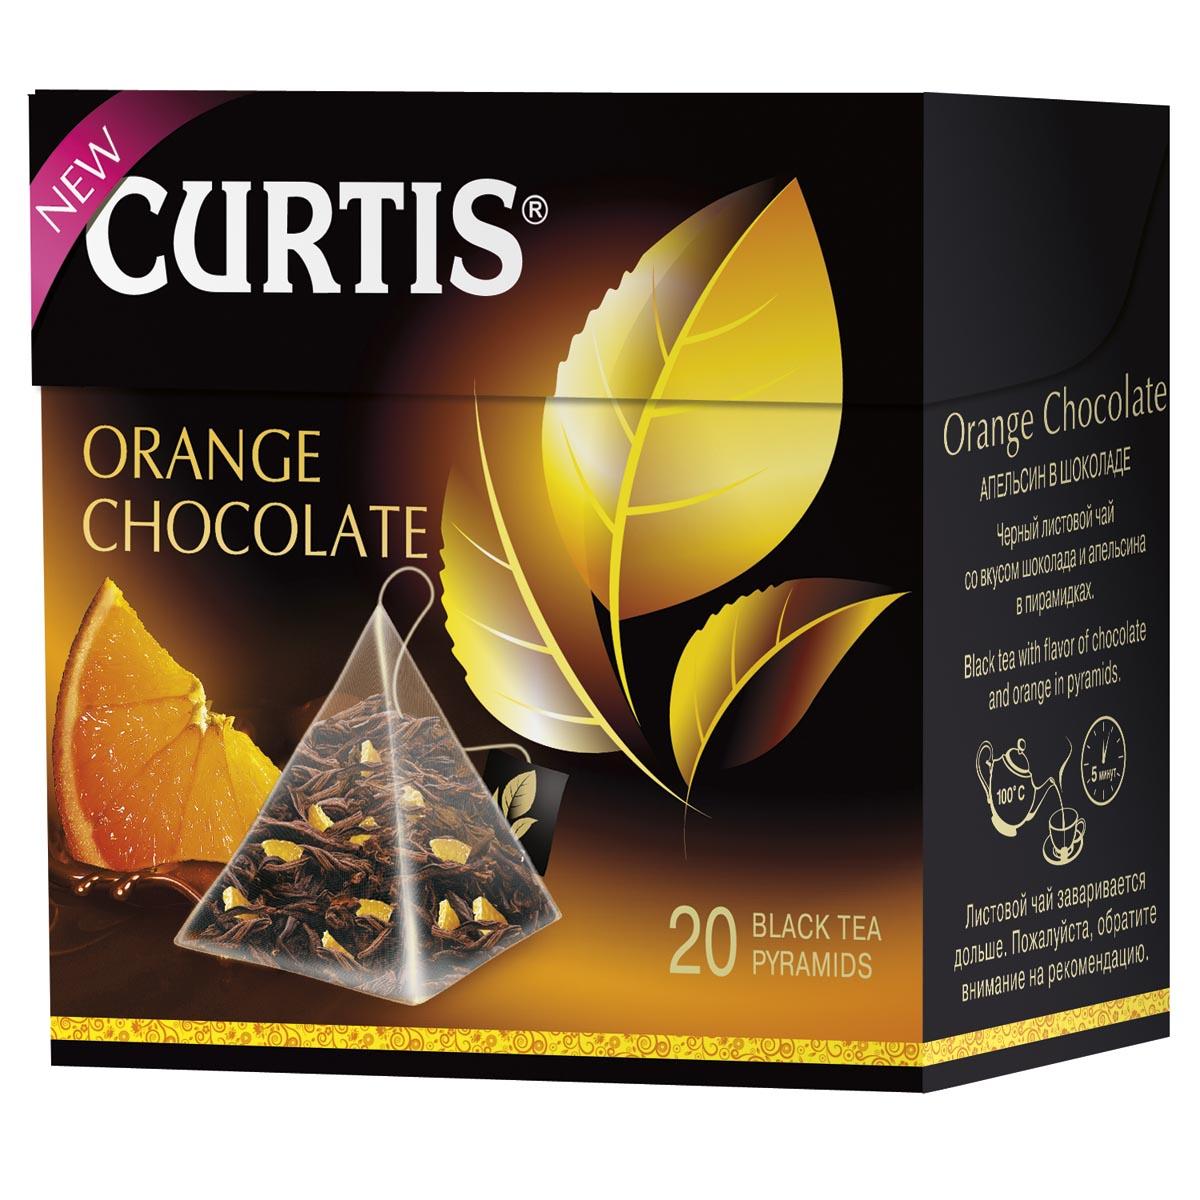 Curtis Orange Chocolate черный чай в пирамидках, 20 шт4620015851136Удивительный черный чай со вкусом романтичного темного шоколада и солнечного апельсина. В этой чашке цейлонского чая столько же страсти, сколько в короткой любовной записке. Насладитесь обновленным купажом черного листового чая. Всё о чае: сорта, факты, советы по выбору и употреблению. Статья OZON Гид